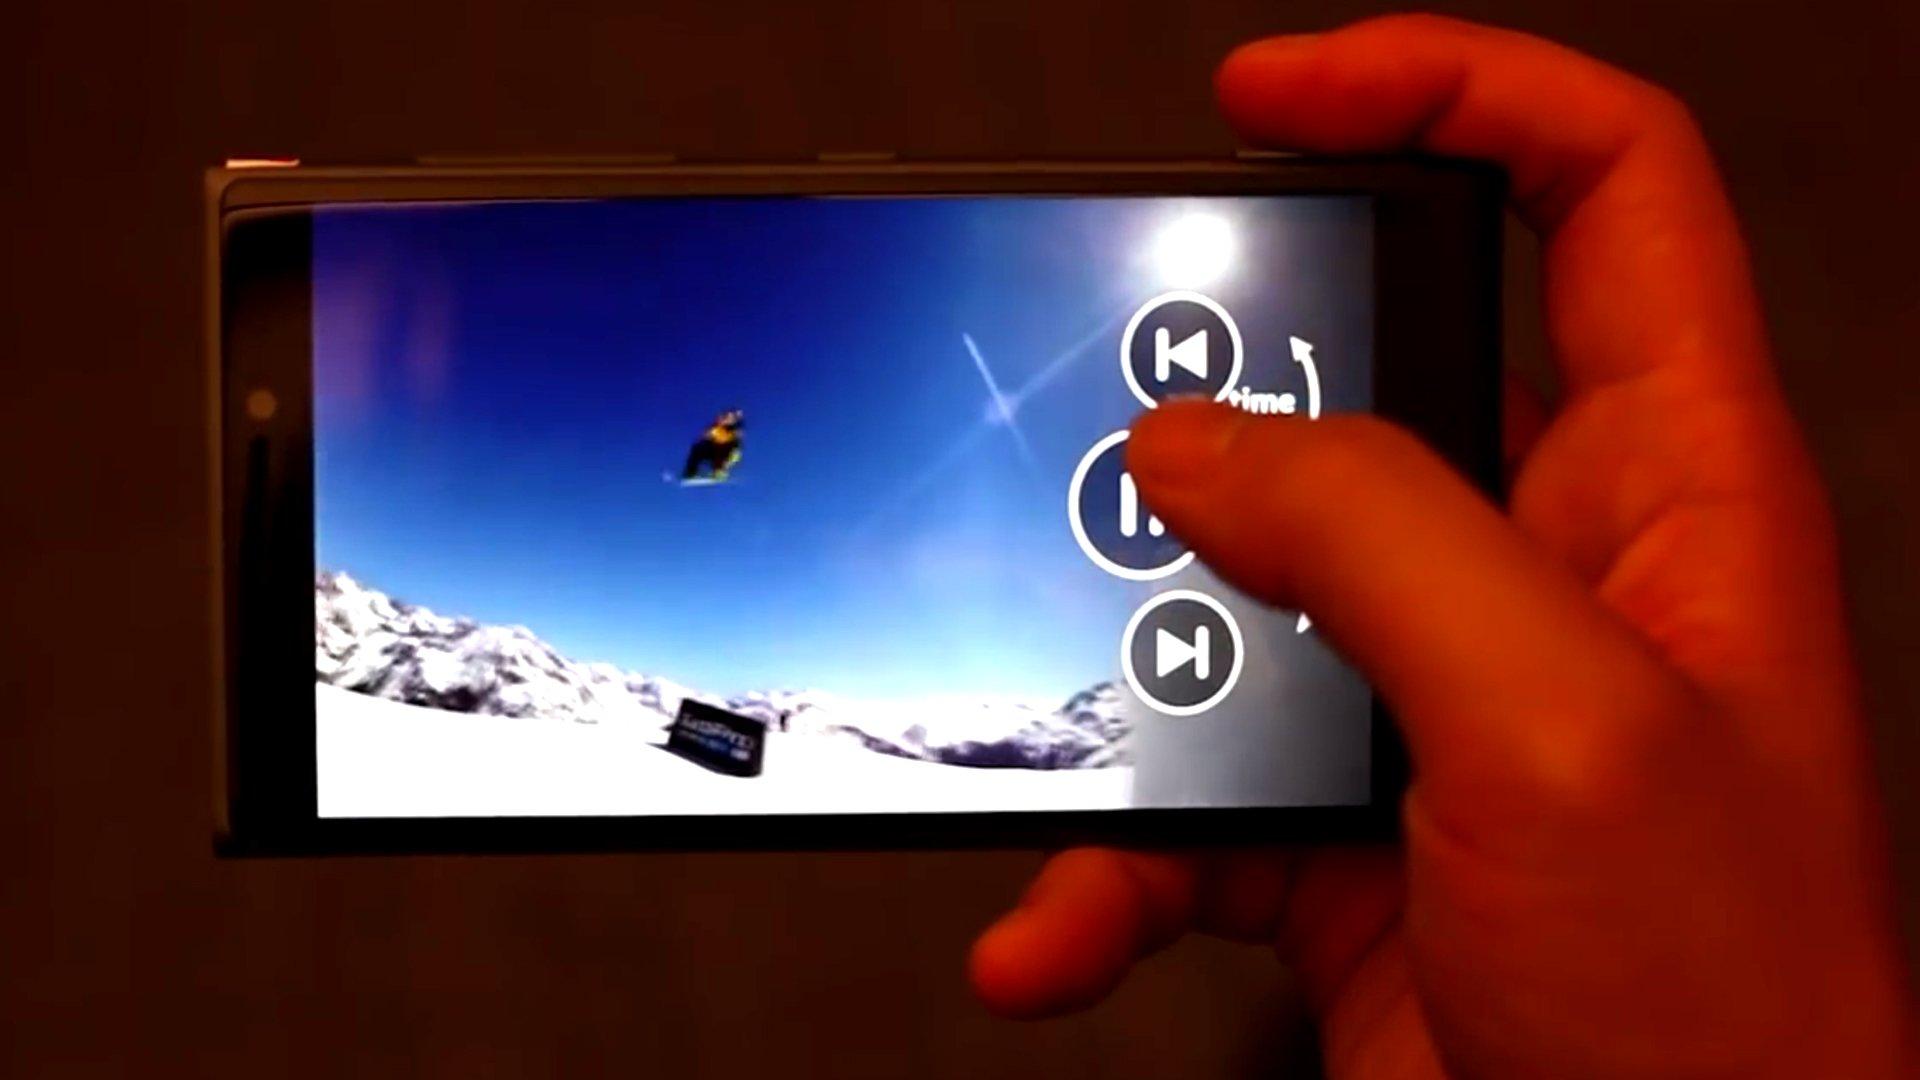 مایکروسافت و یک انقلاب جدید در کاربری صفحه نمایش + ویدئو